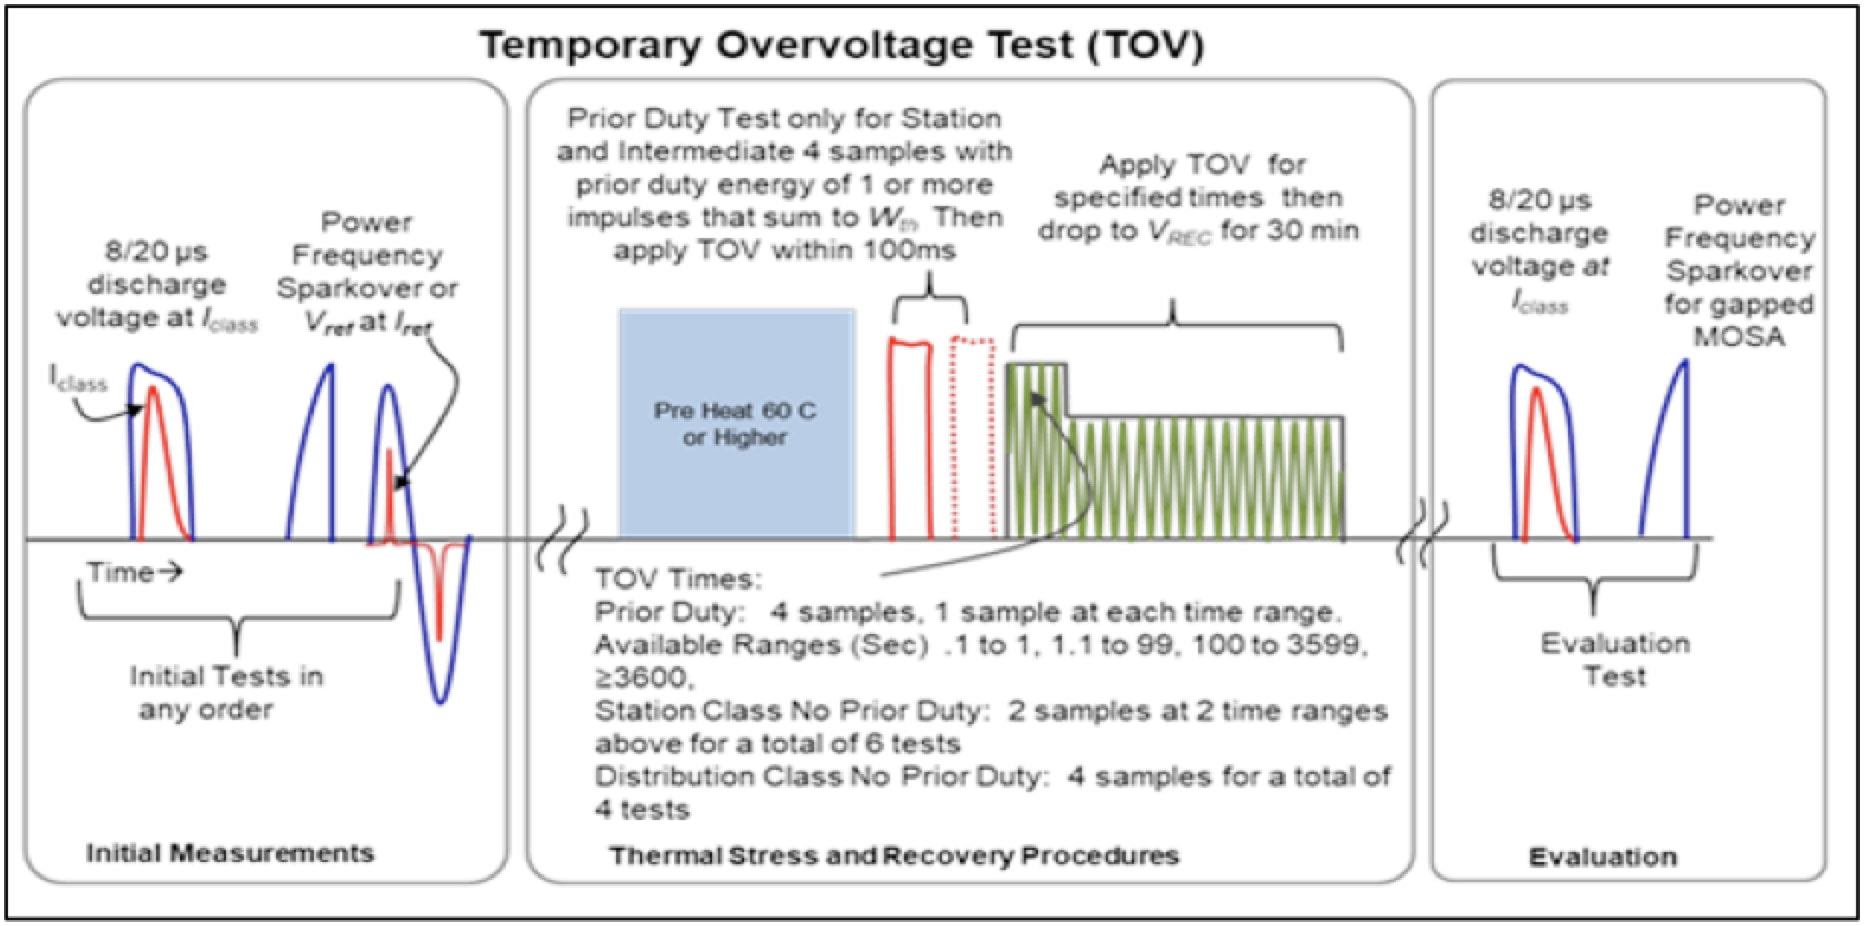 arrester Harmonizing IEC & IEEE Arrester Standards Temporary Overvoltage Test Procedure for IEEE IEC Standards